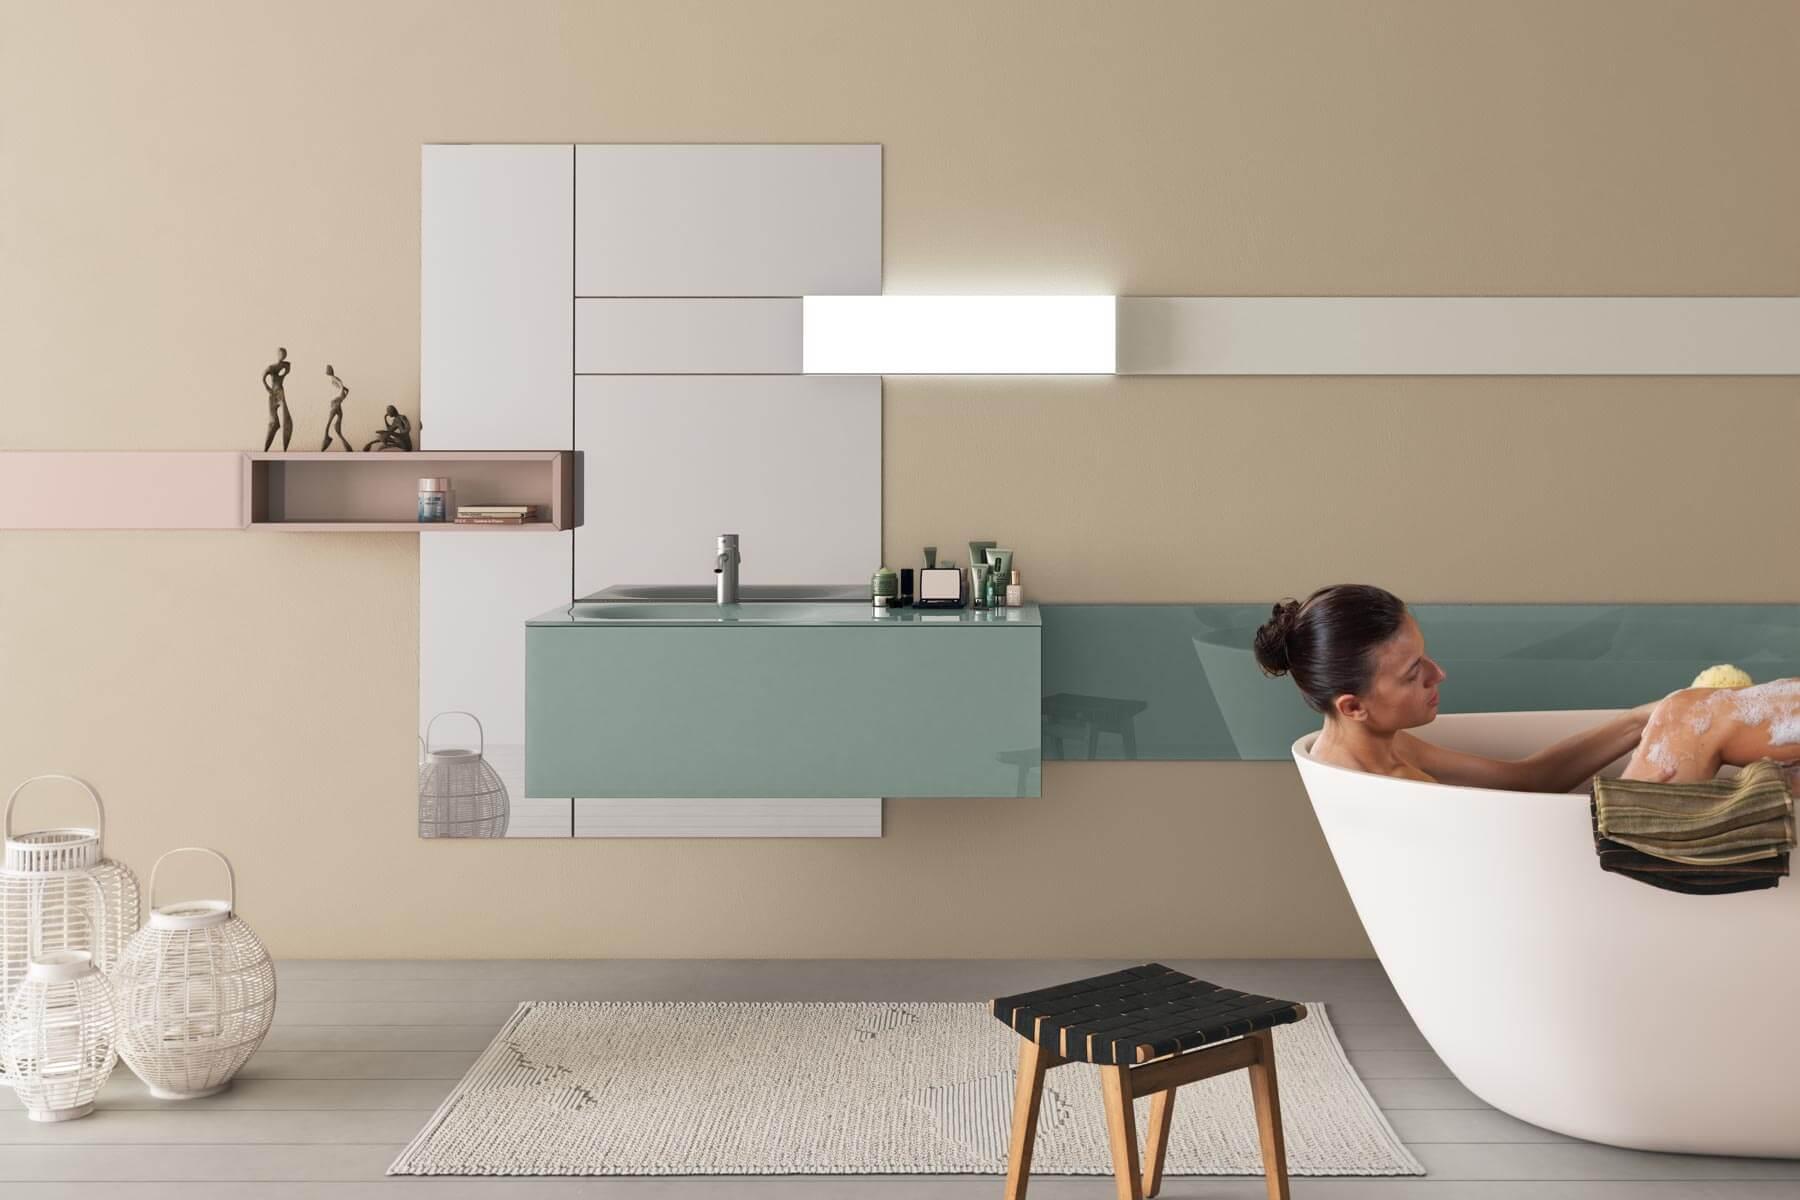 specchio lavabo e mobile bagno